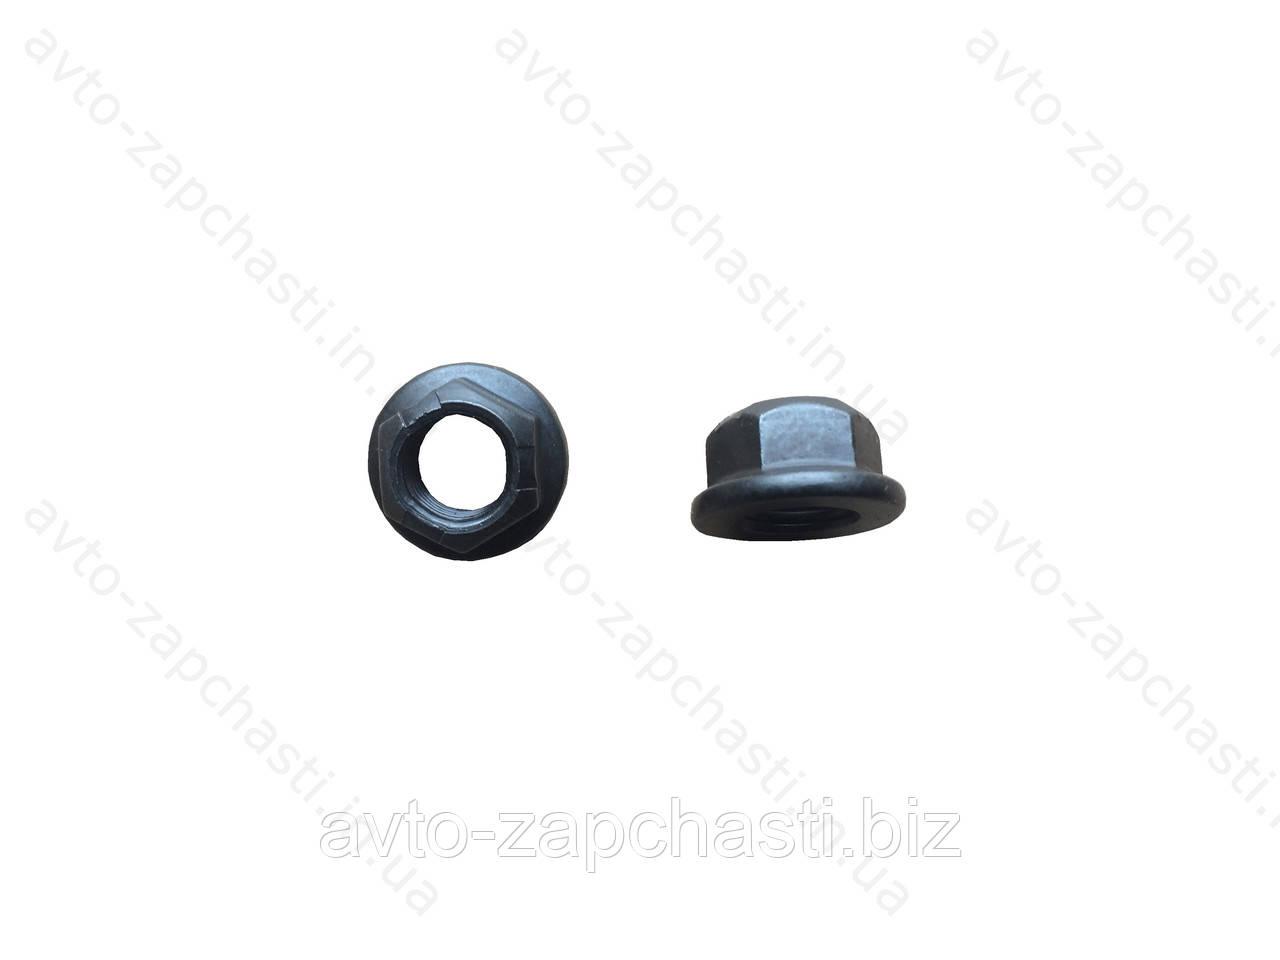 Гайка 10 коллектора DAEWOO LANOS с юбкой (ш 1,25) (10 шт) (пакет)